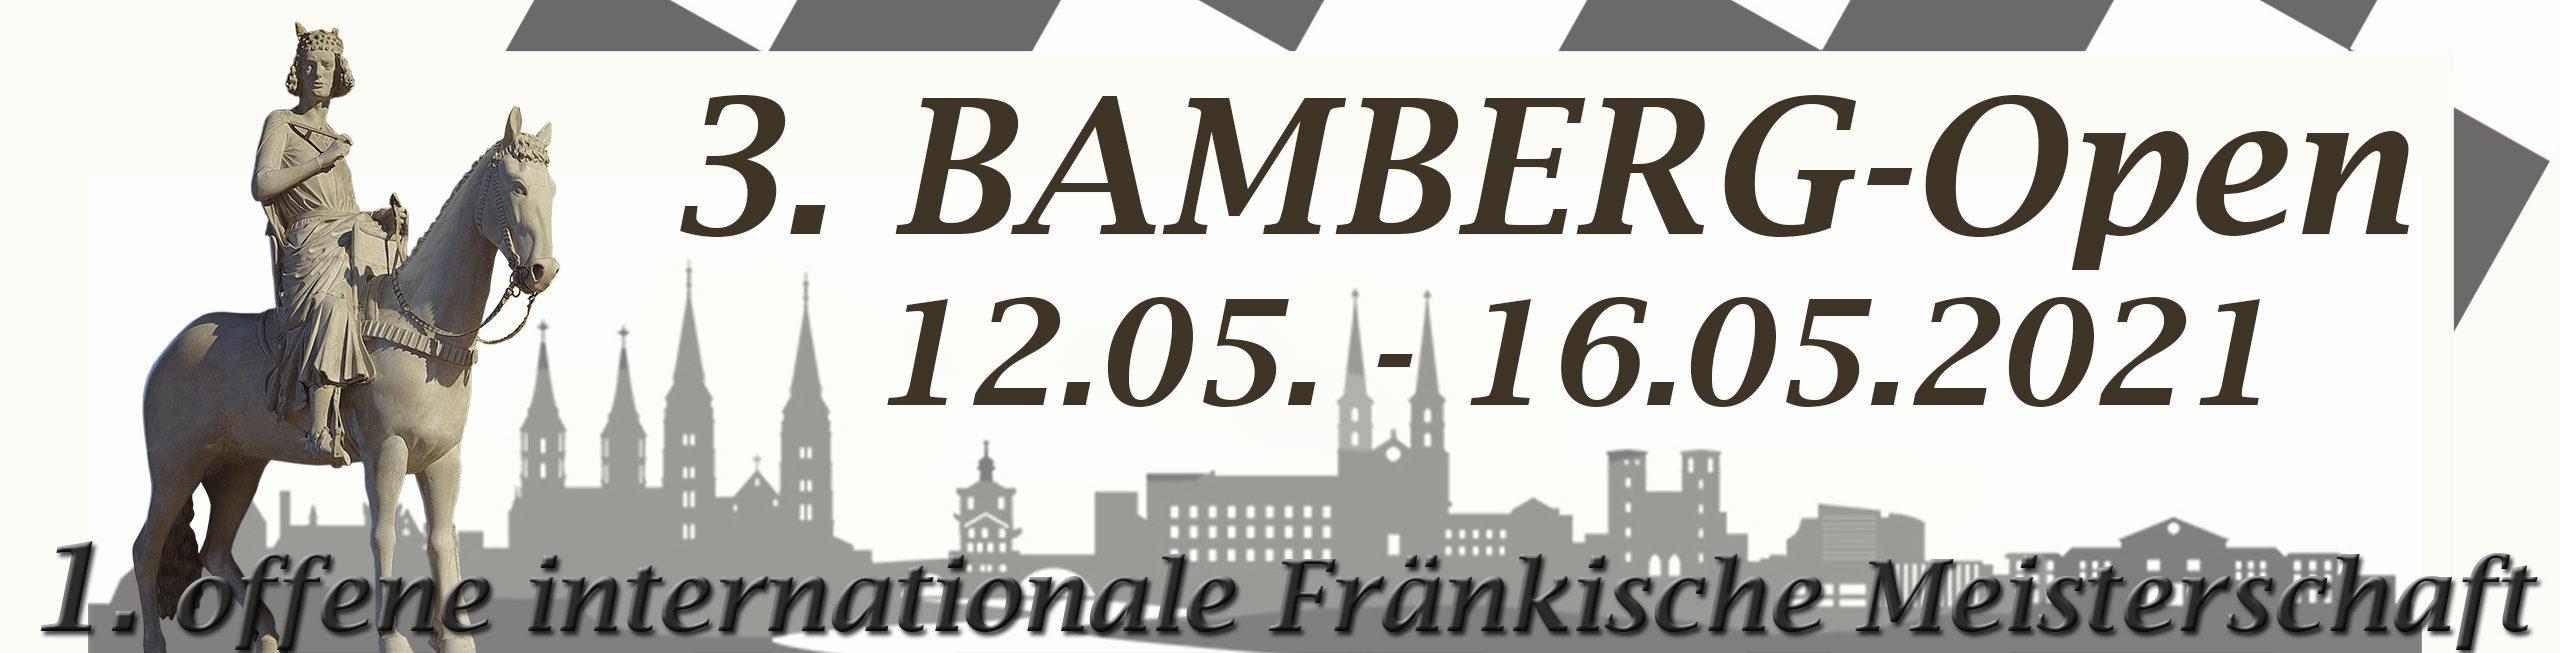 Schachsport in der Weltkulturerbe-Stadt Bamberg